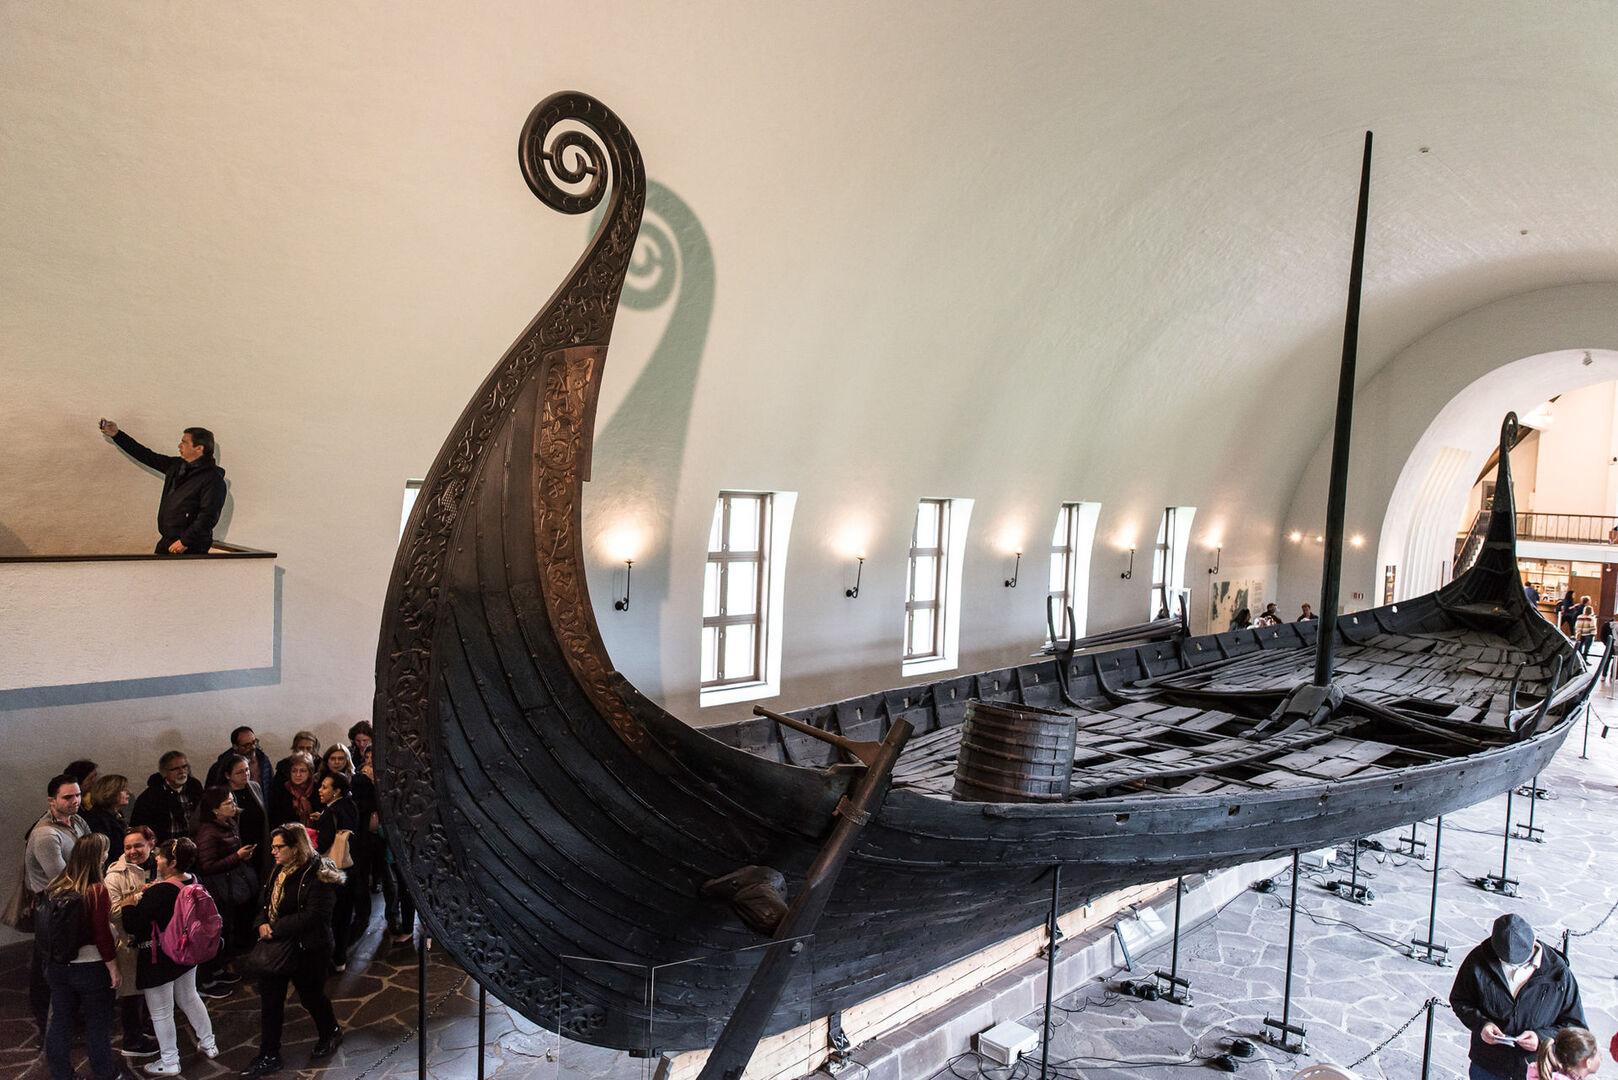 Barcos, casas o vikingos: cuatro museos nórdicos fuera de lo común